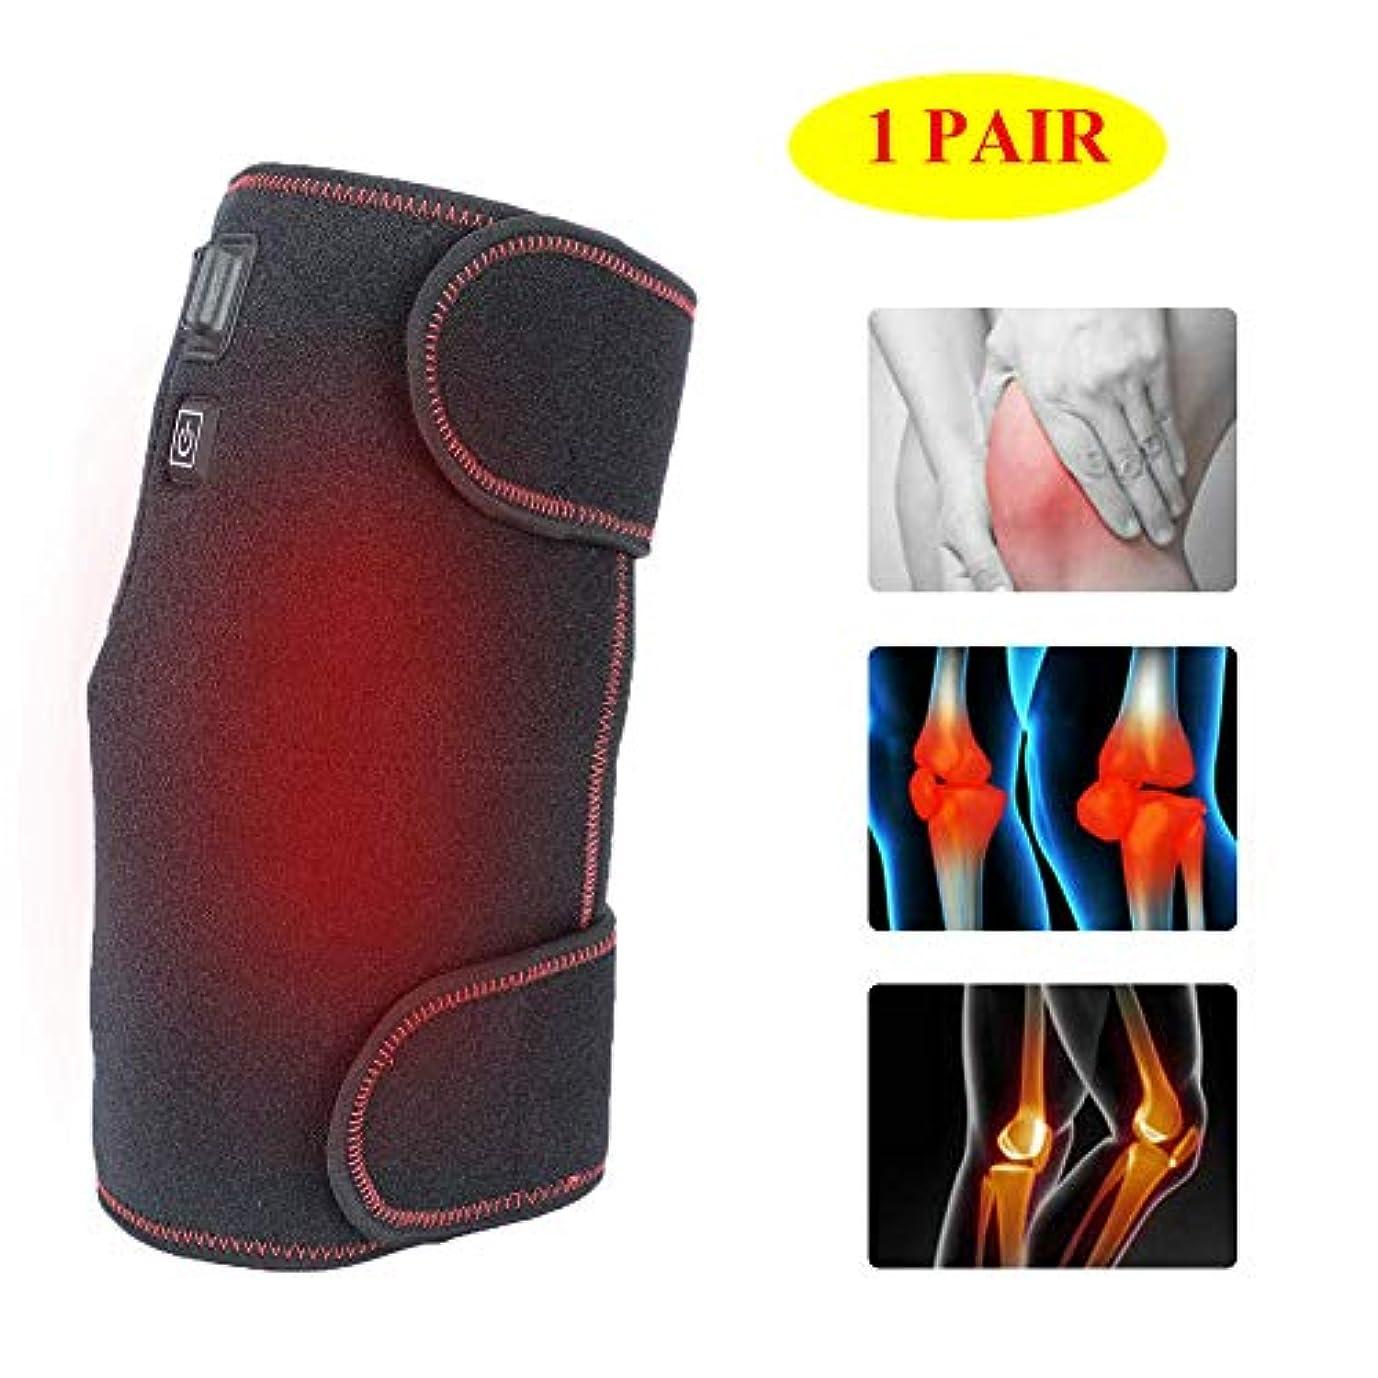 薬剤師カウントハイランド加熱膝ブレースサポート1ペア - USB充電式膝暖かいラップ加熱パッド - 療法ホット圧縮3ファイル温度で膝の傷害